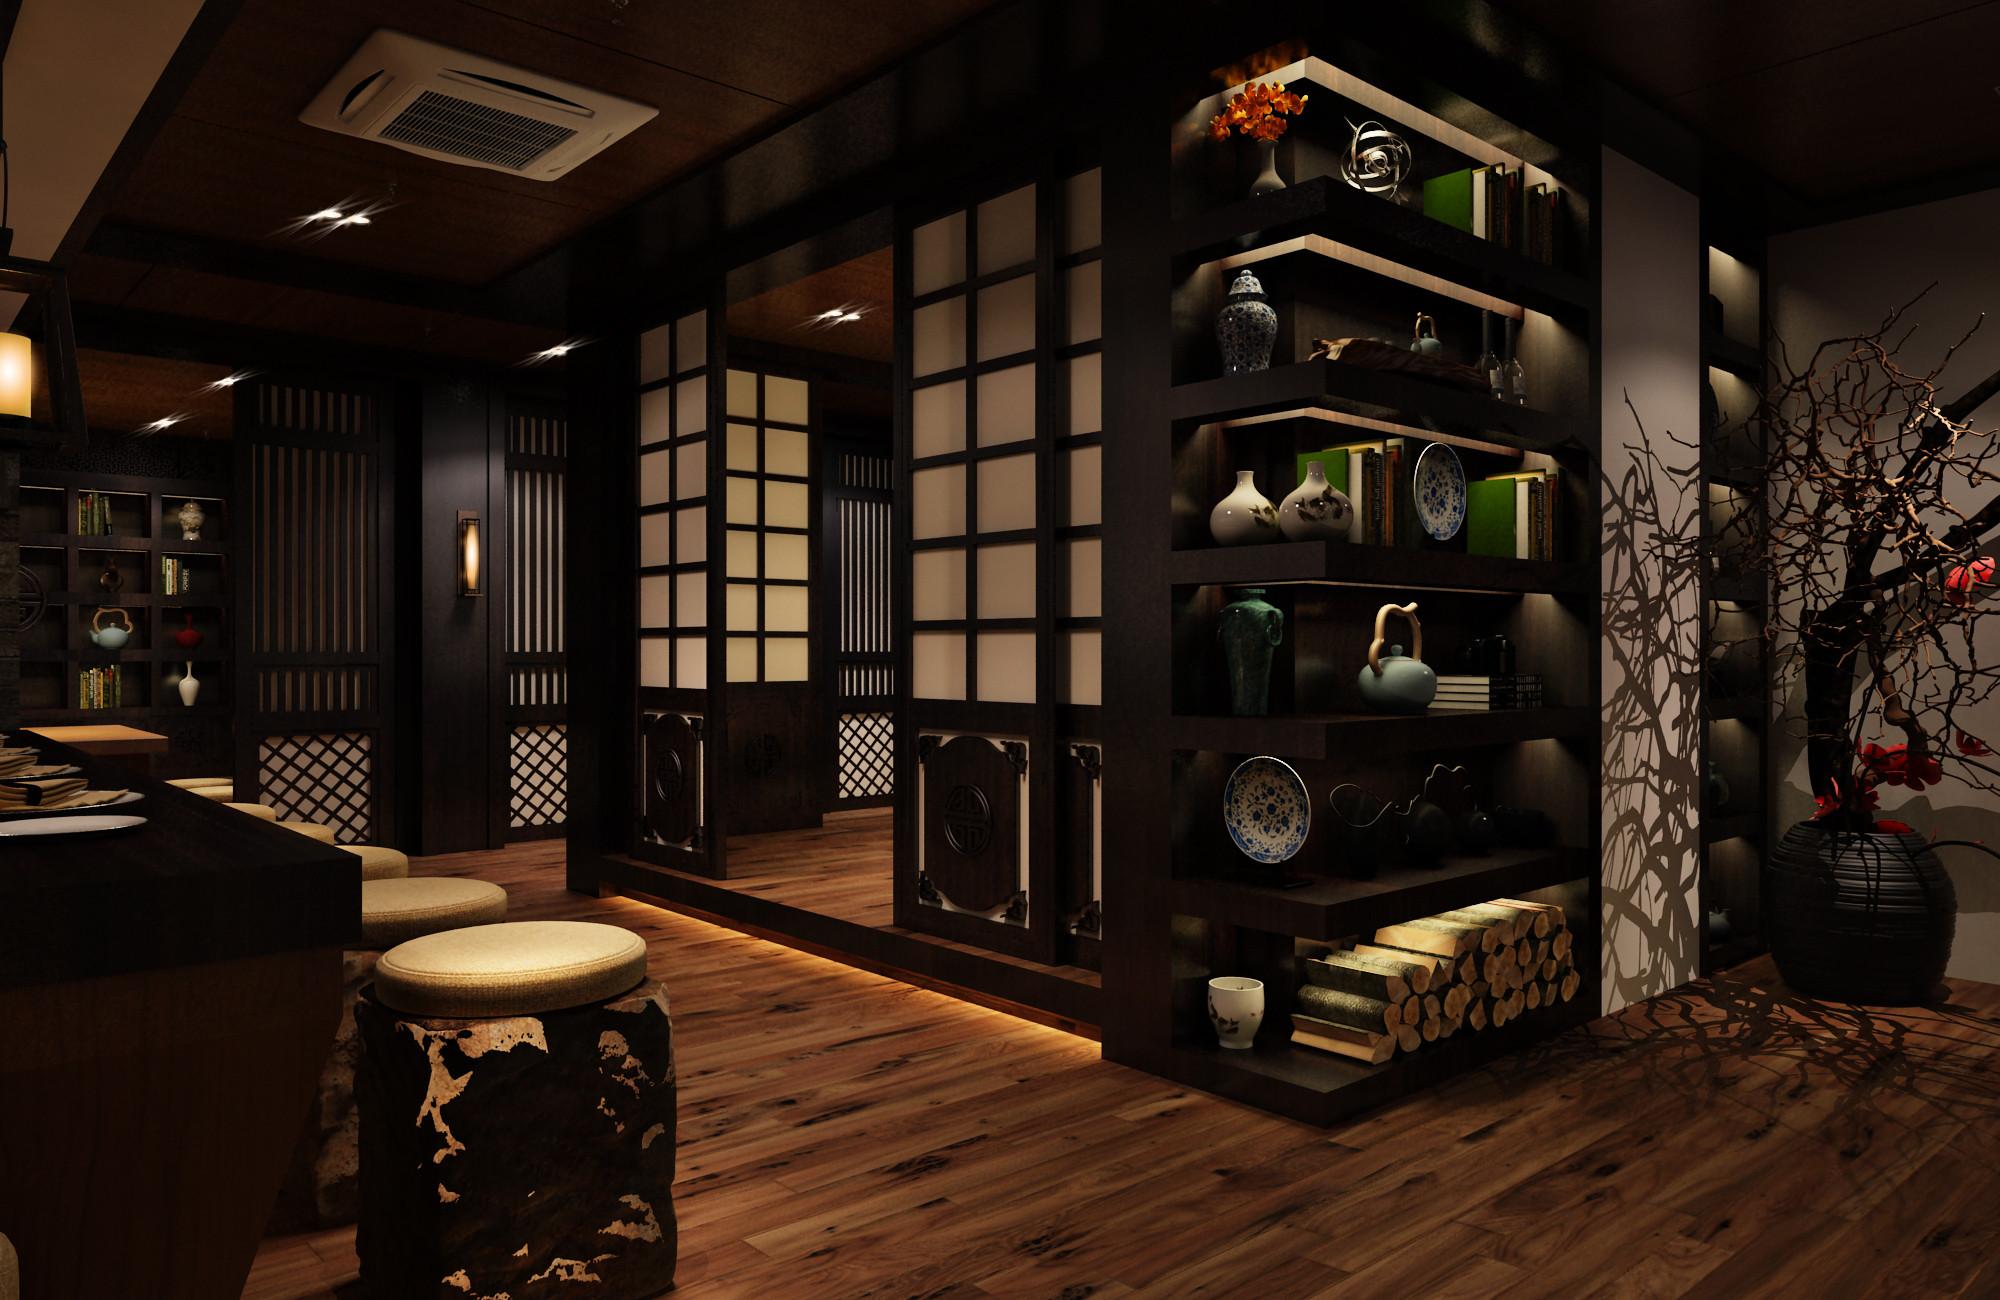 日式风格餐厅装修展示柜图片